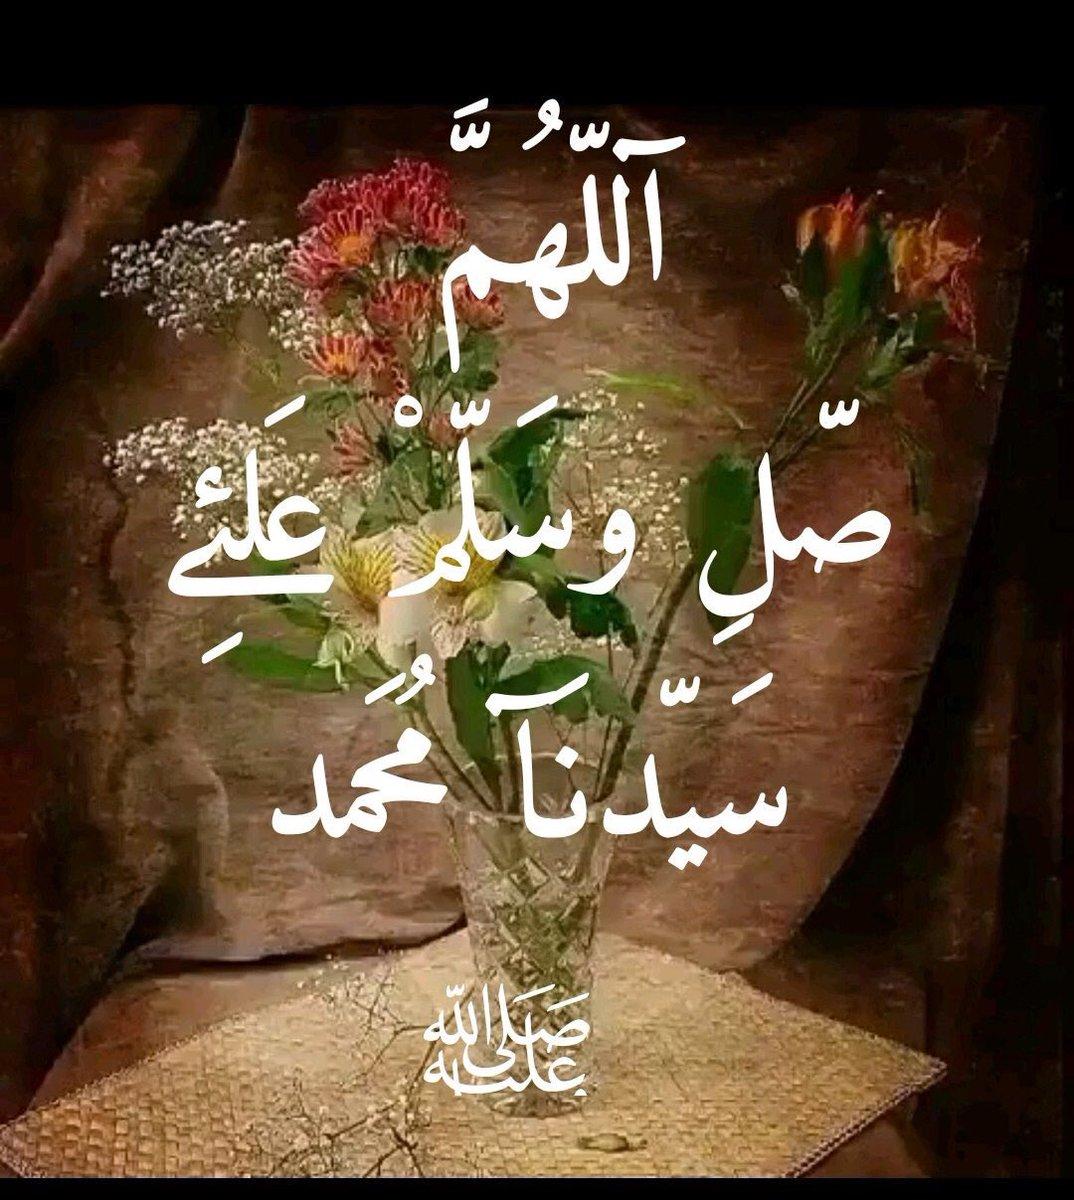 اللهم صلي وسلم على نبينا محمد وعلى آله وصحبه أجمعين وسلم تسليما كثيرا